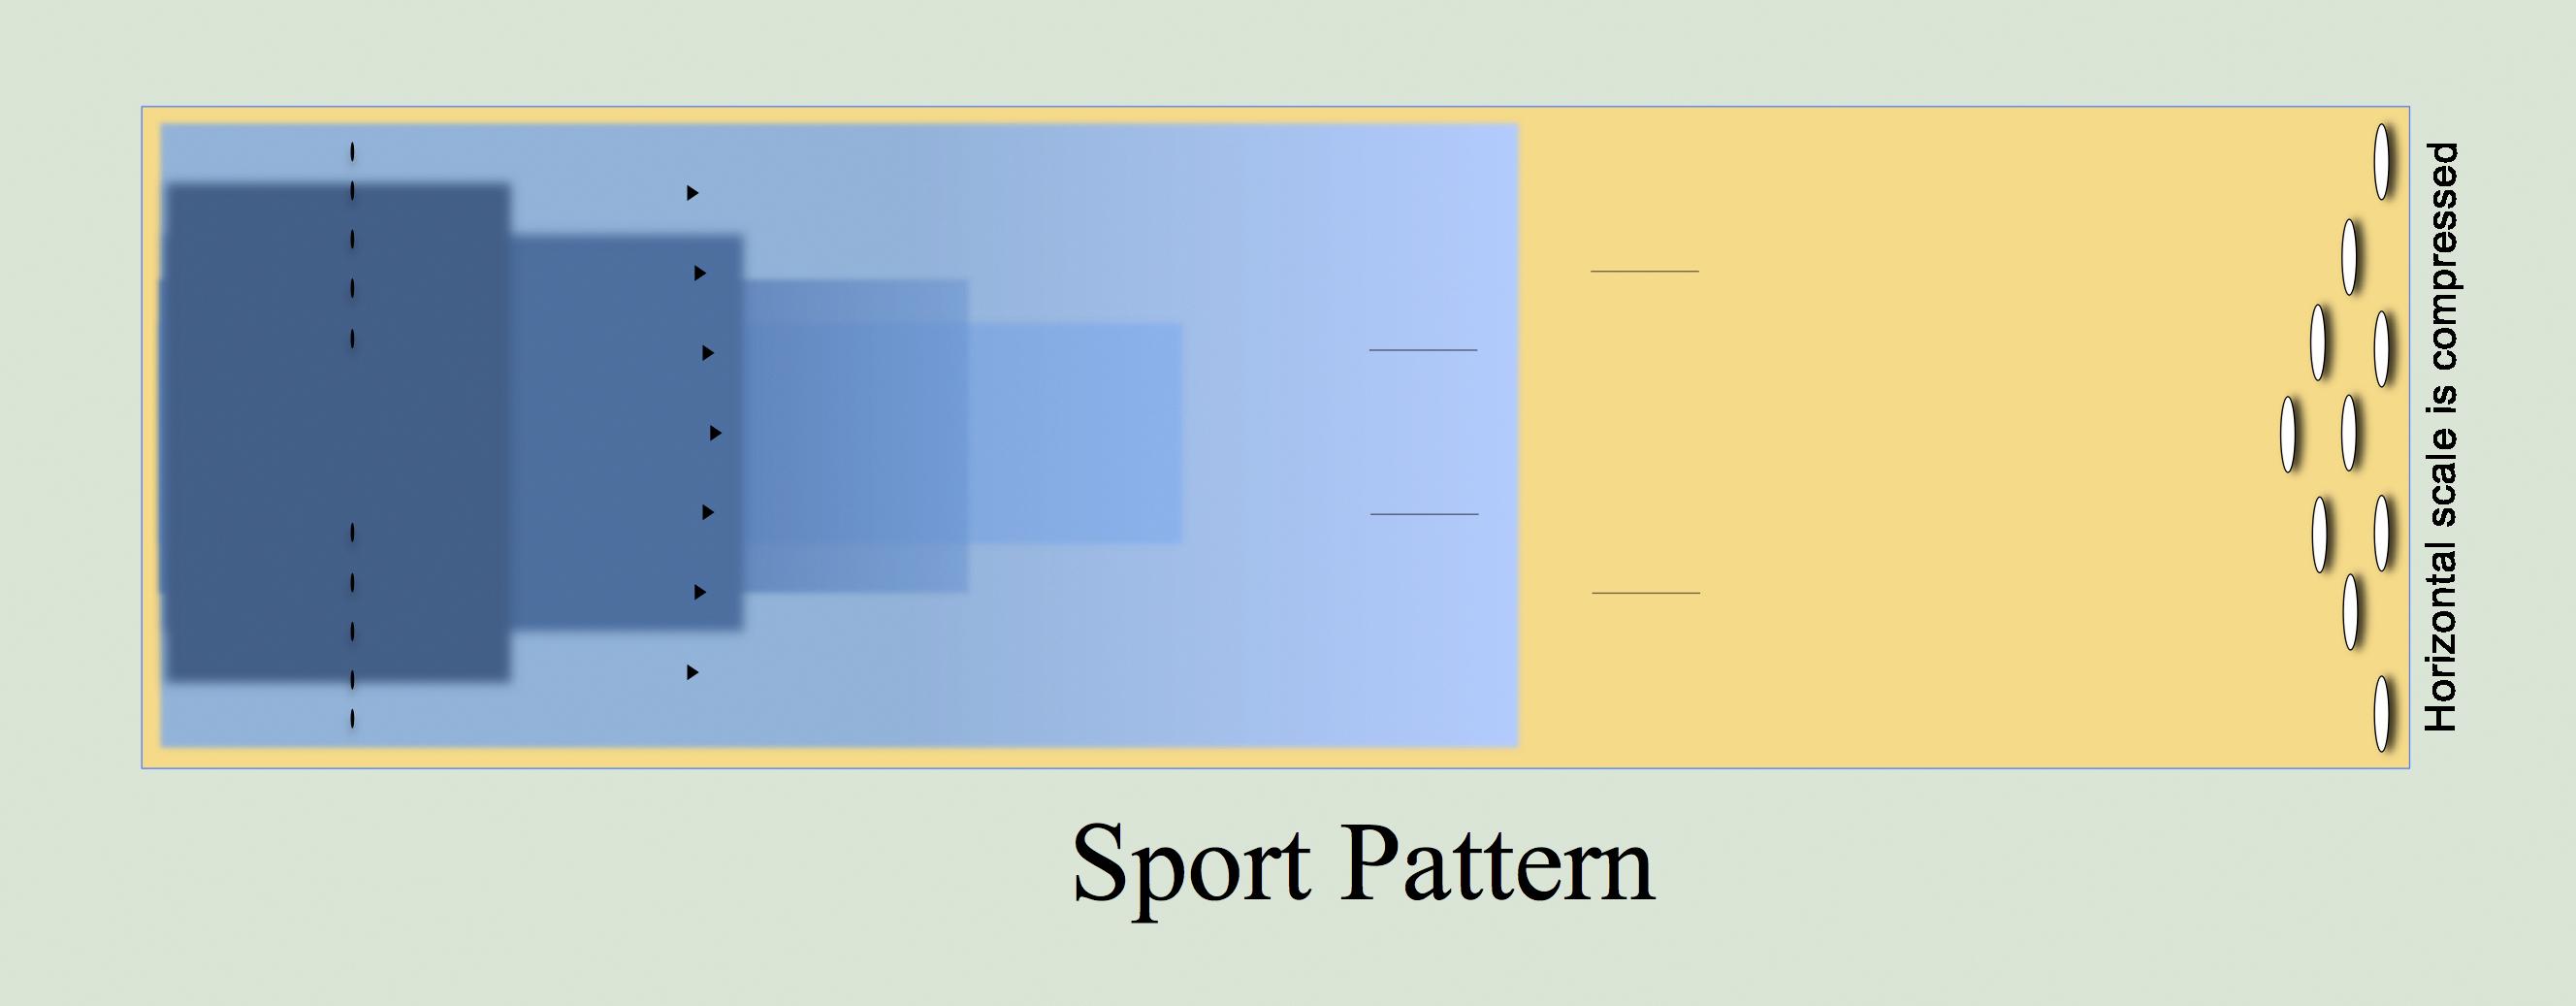 File:20190112 Sport pattern.